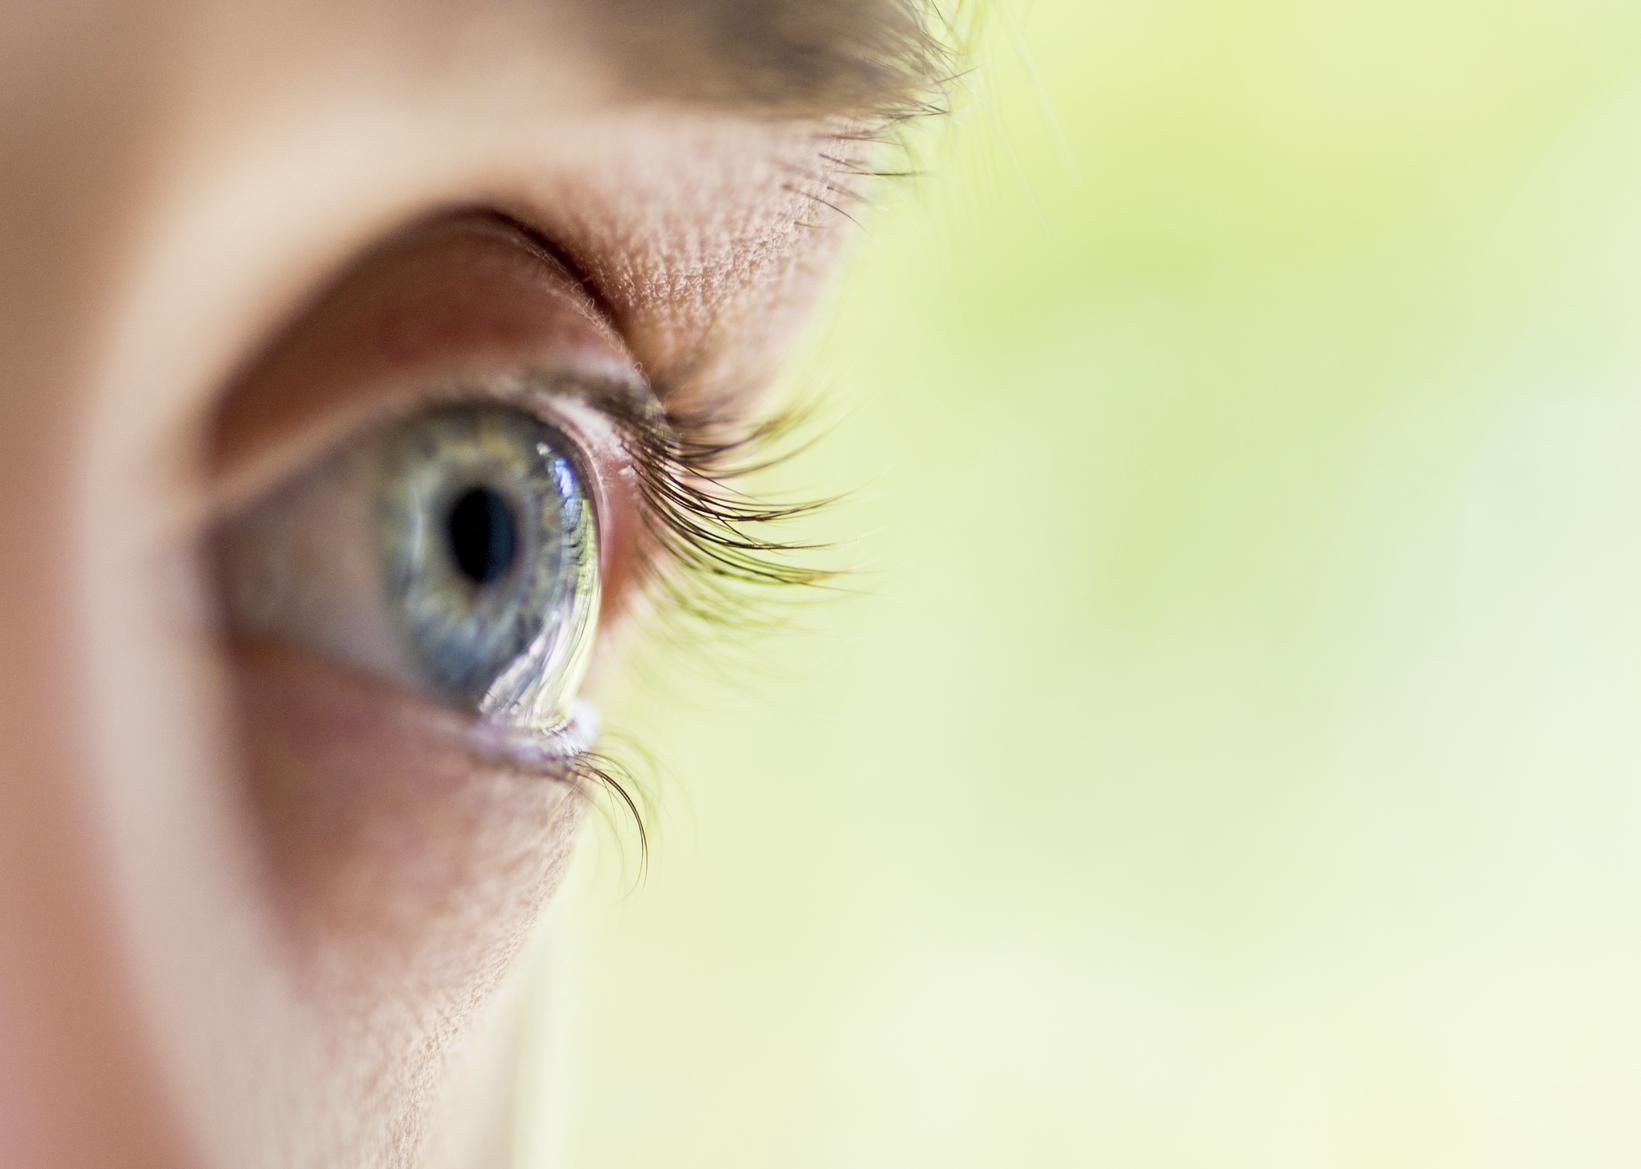 c300c748b4 Ojos Miopes: ¿dónde está el problema? | Blog de Clínica Baviera